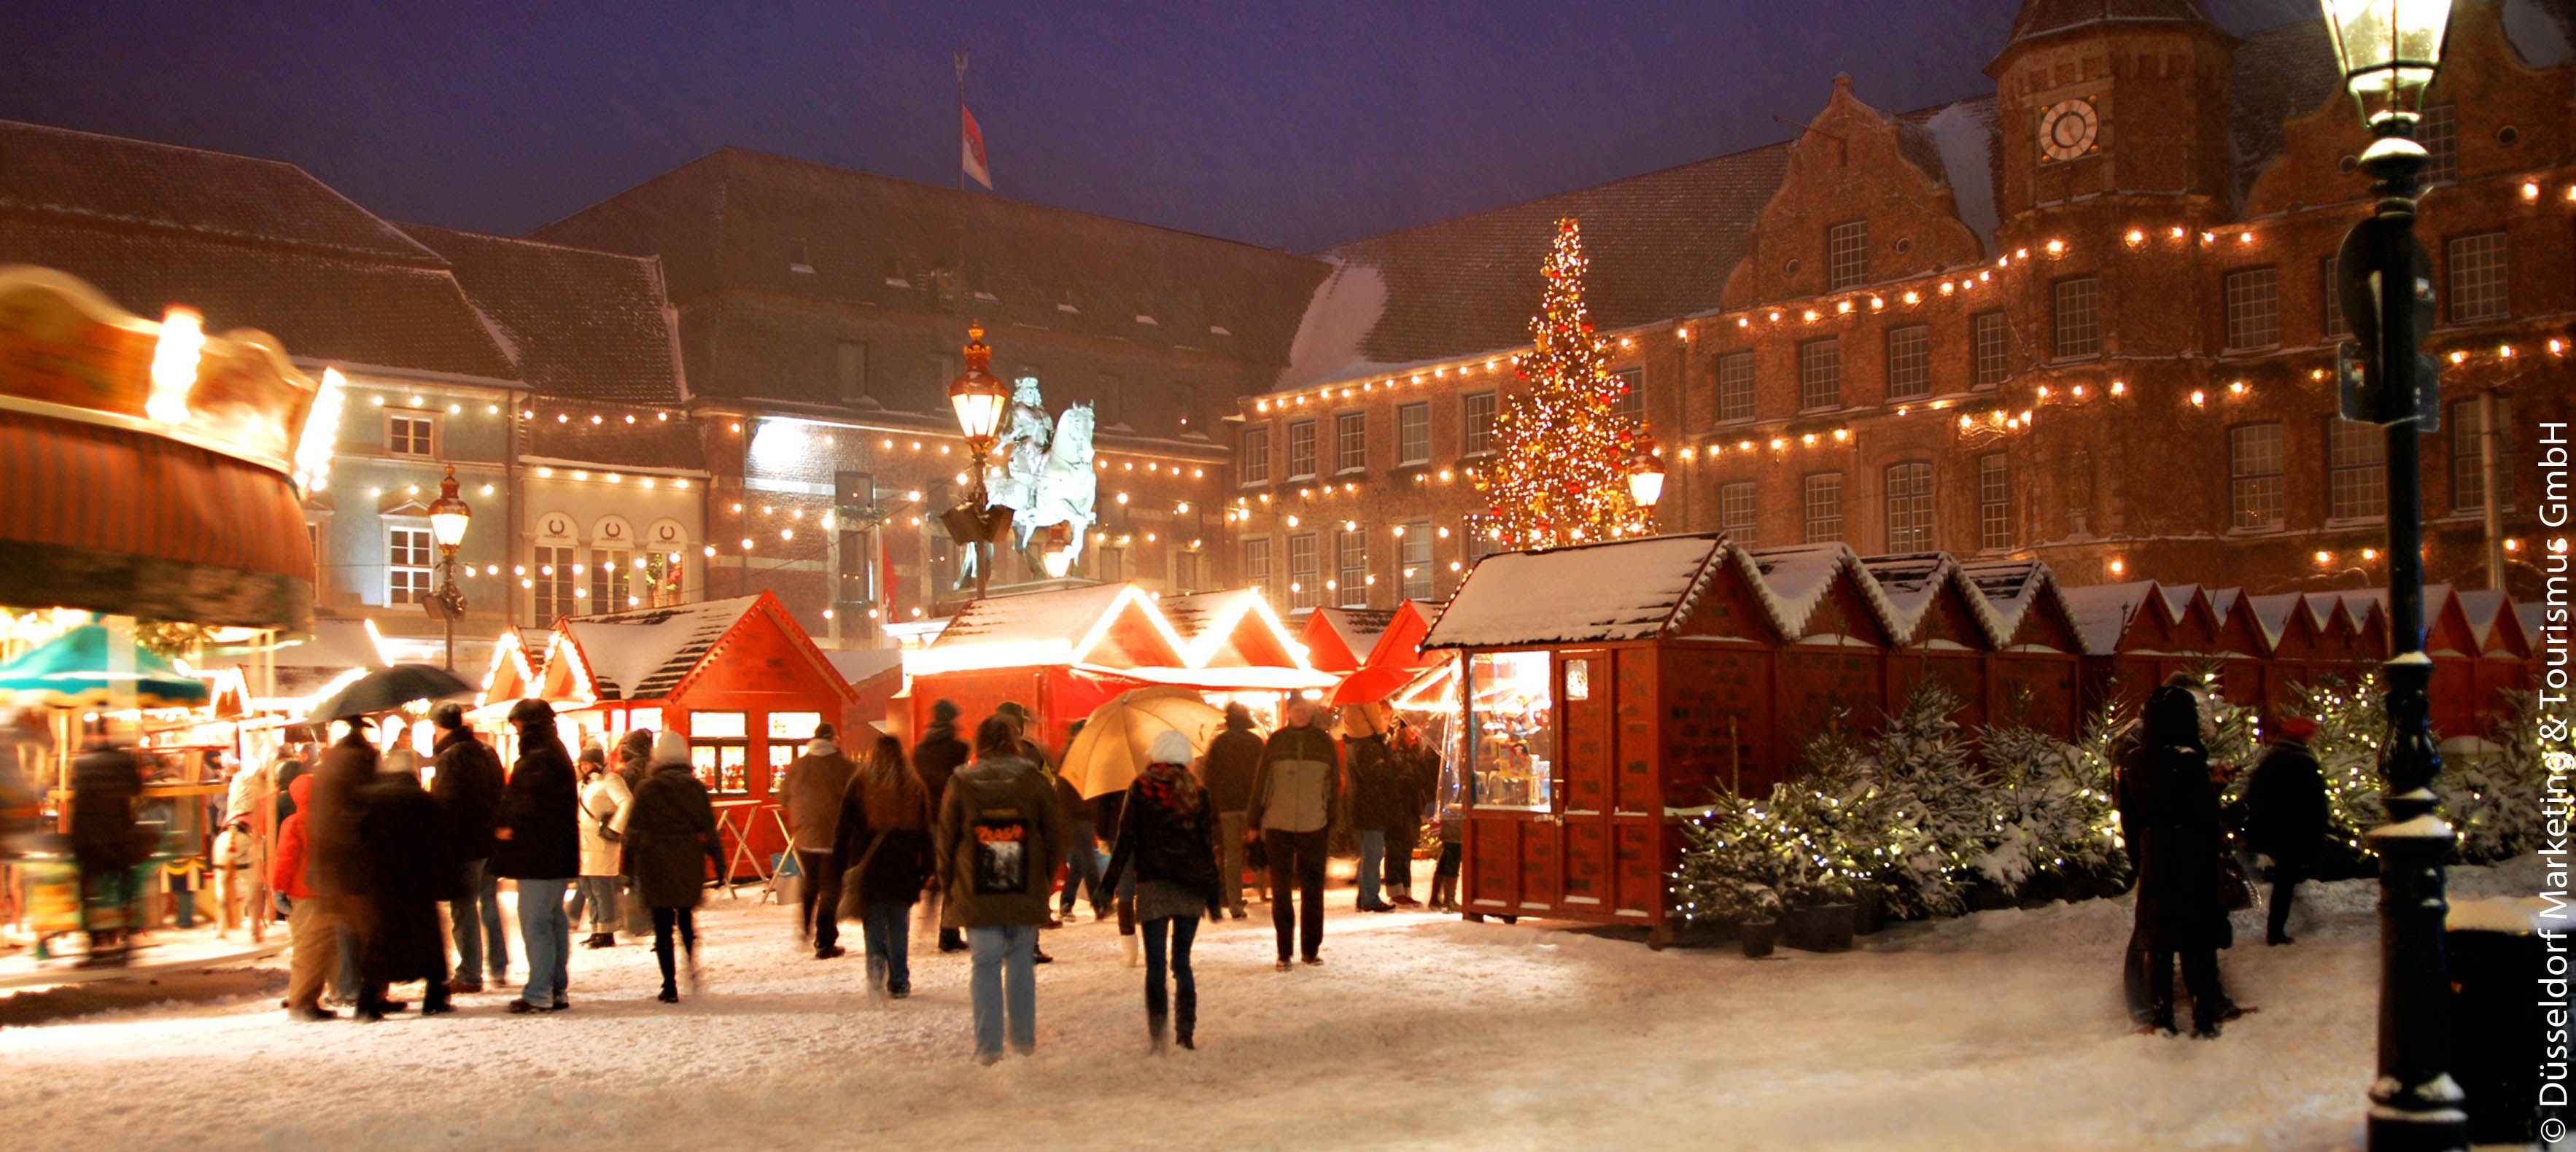 Düsseldorf's Weihnachtsmärkte christmas market